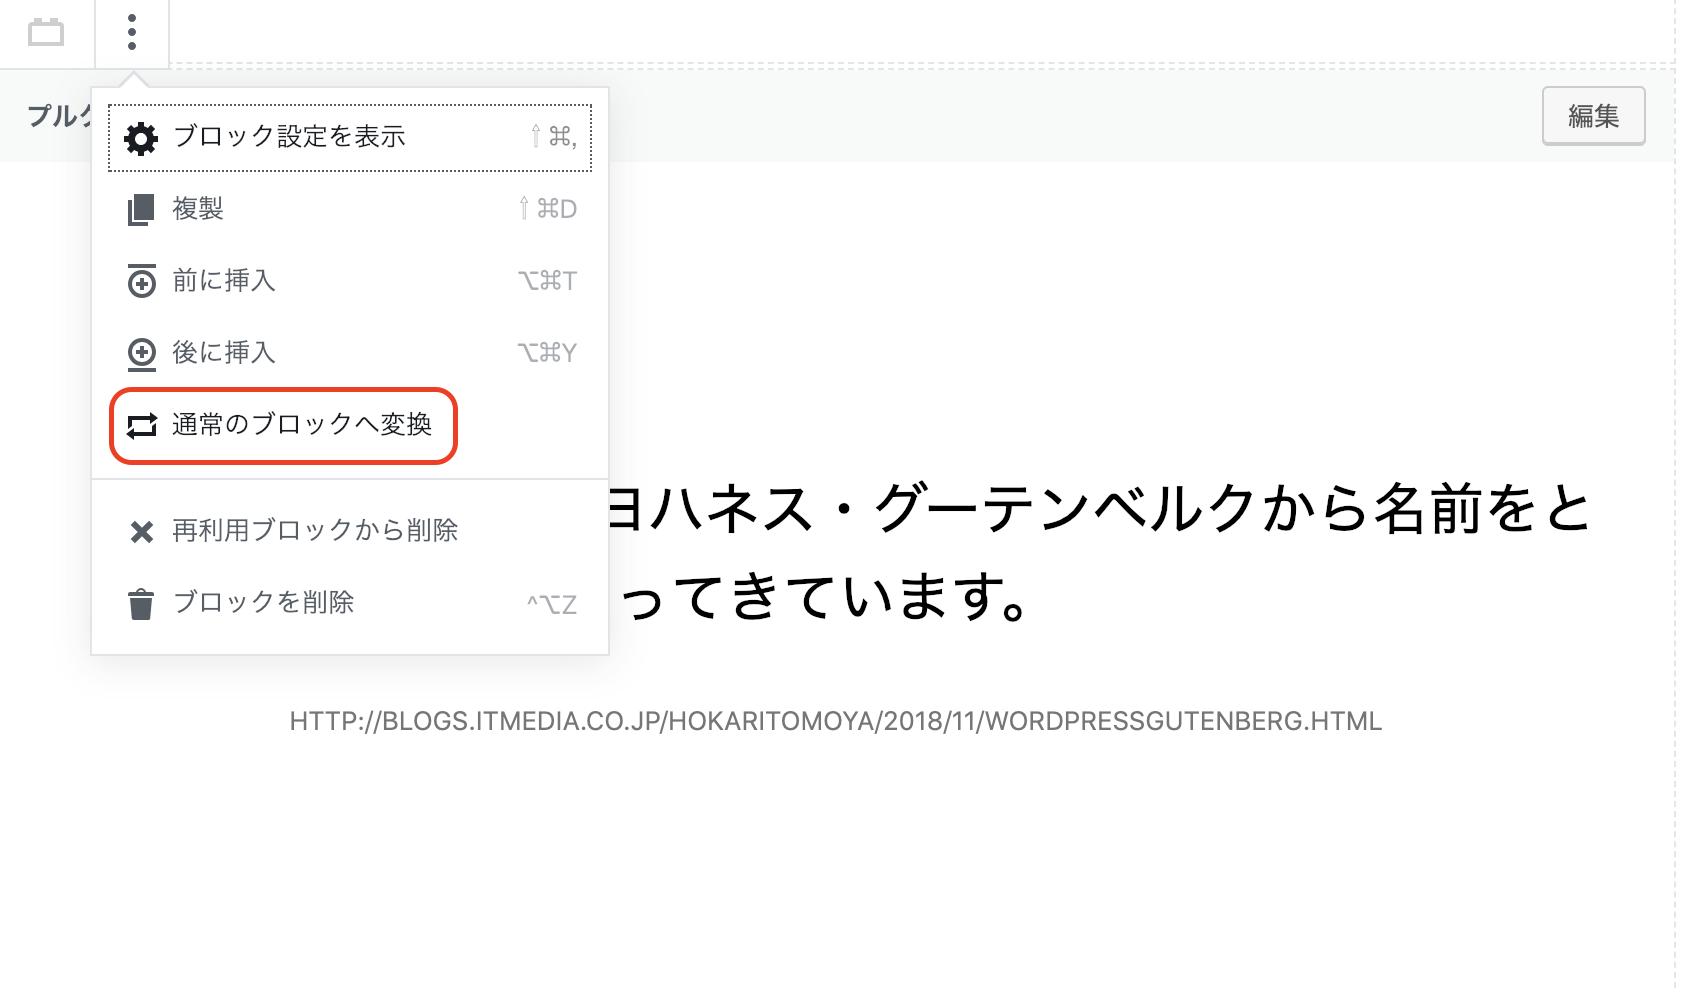 スクリーンショット 2019-01-23 20.48.30.png